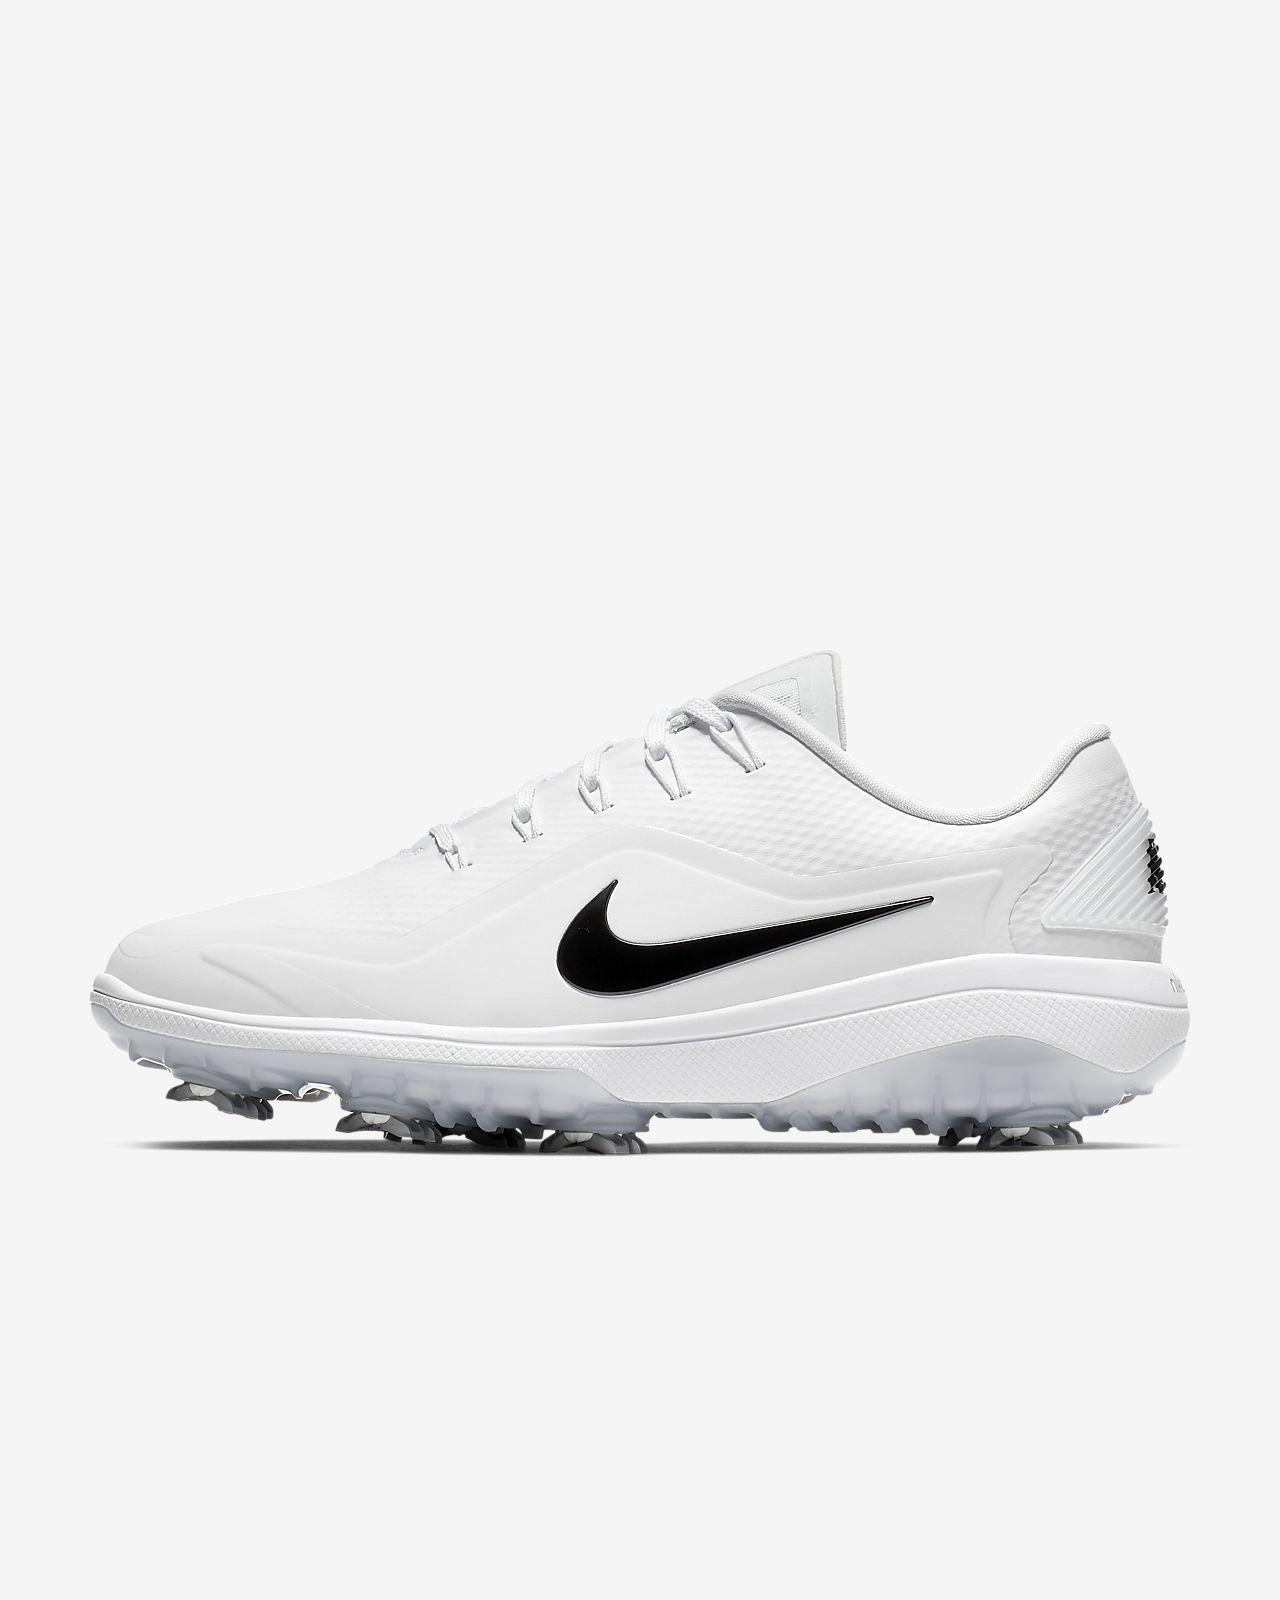 Sapatilhas de golfe Nike React Vapor 2 para mulher